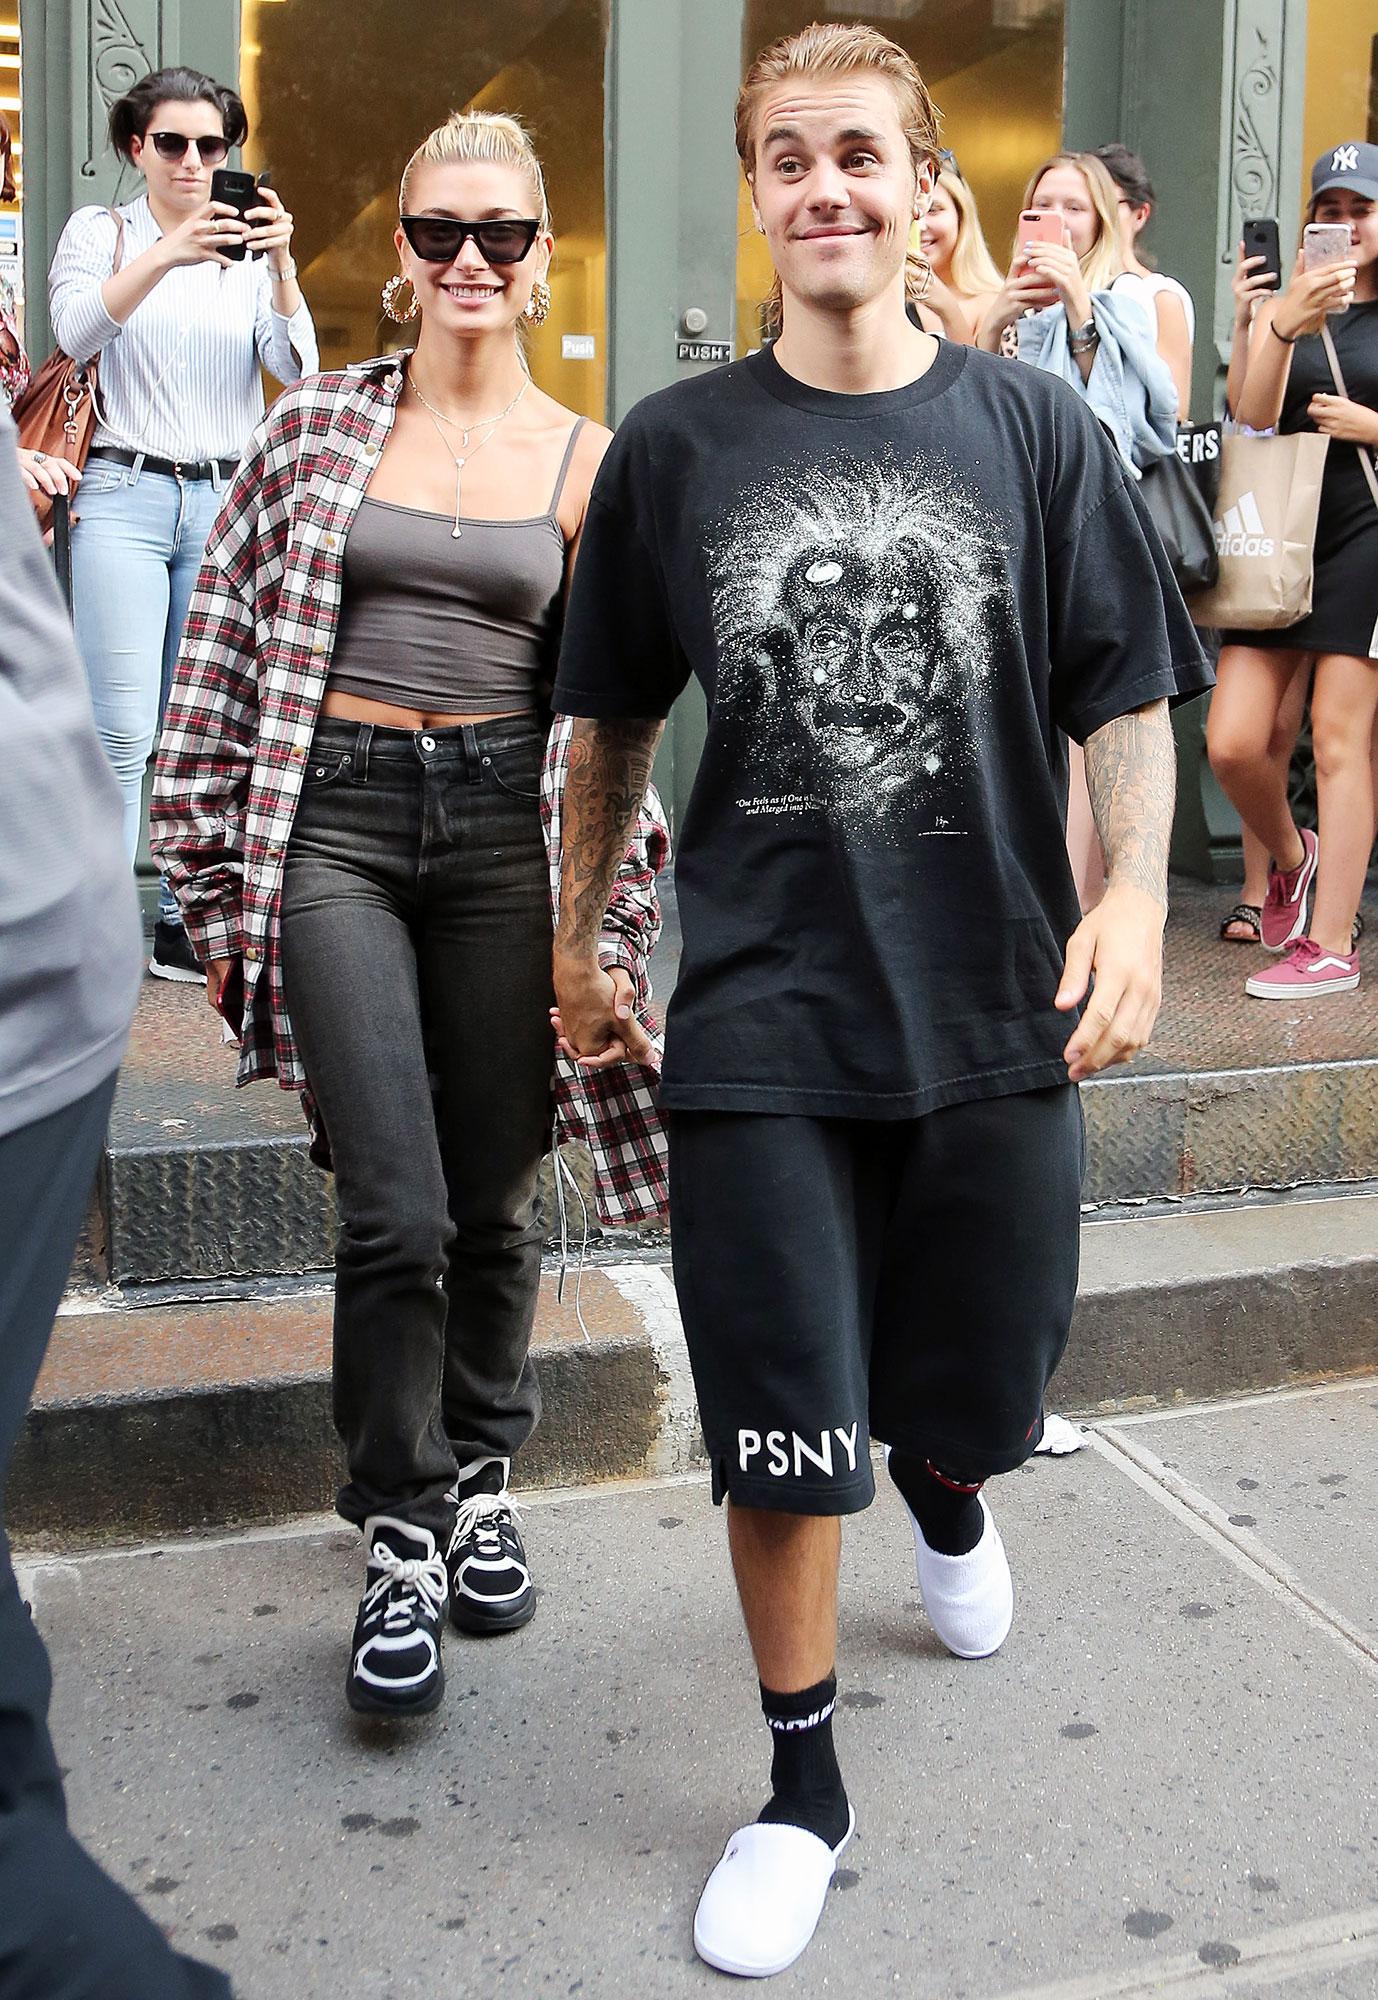 Ca sĩ Justin Bieber thuê cả dàn vệ sĩ bảo vệ bố vợ khi đi dạo trước ngày đám ...